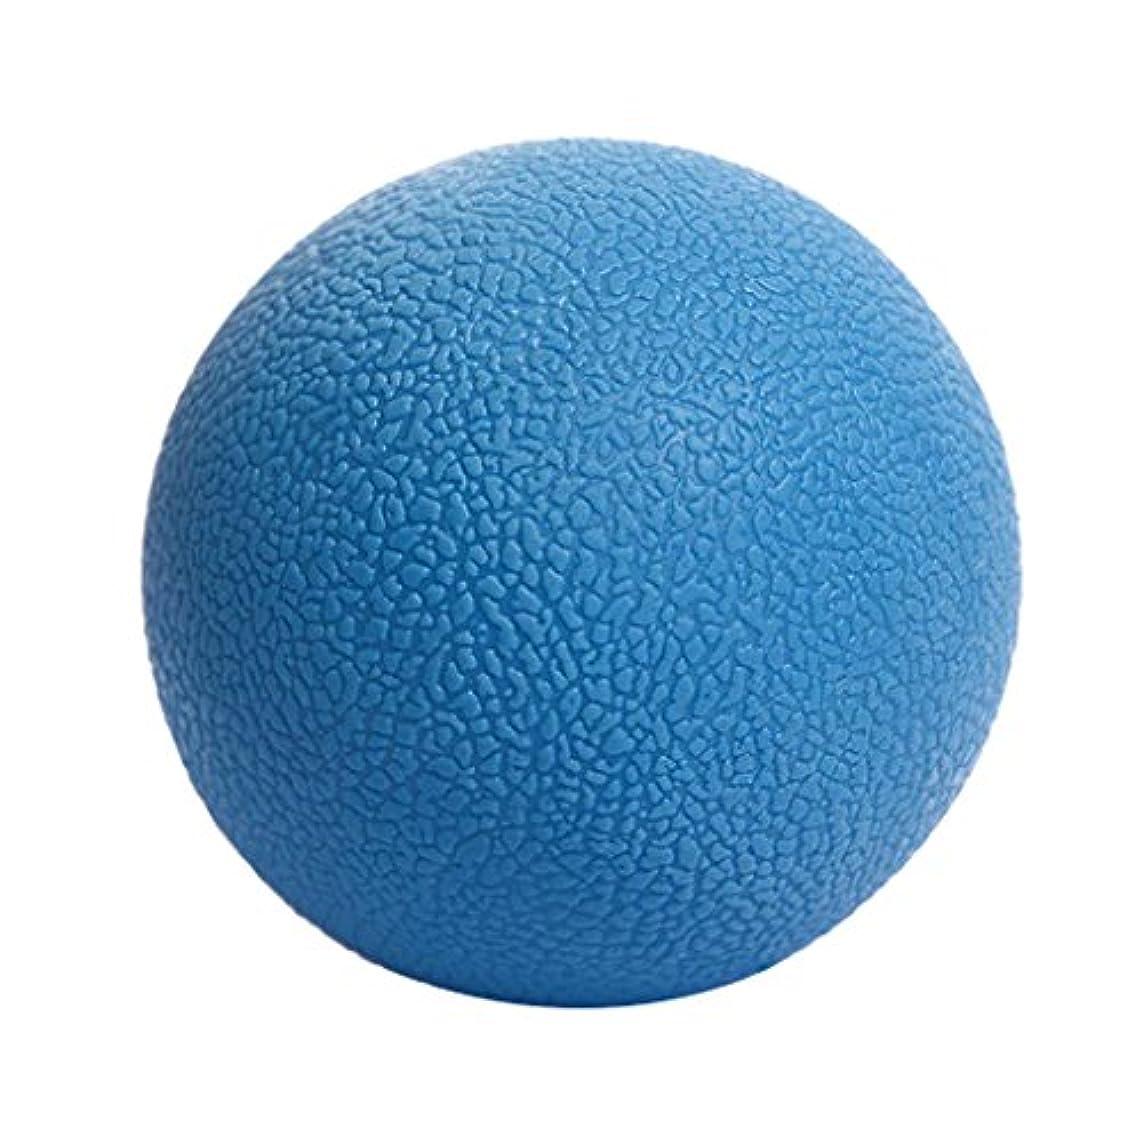 周波数検出器ビルマBaoblaze マッサージボール ボディーマッサージ 便利 TPE ヨガ ピラティス 4色選べる - 青